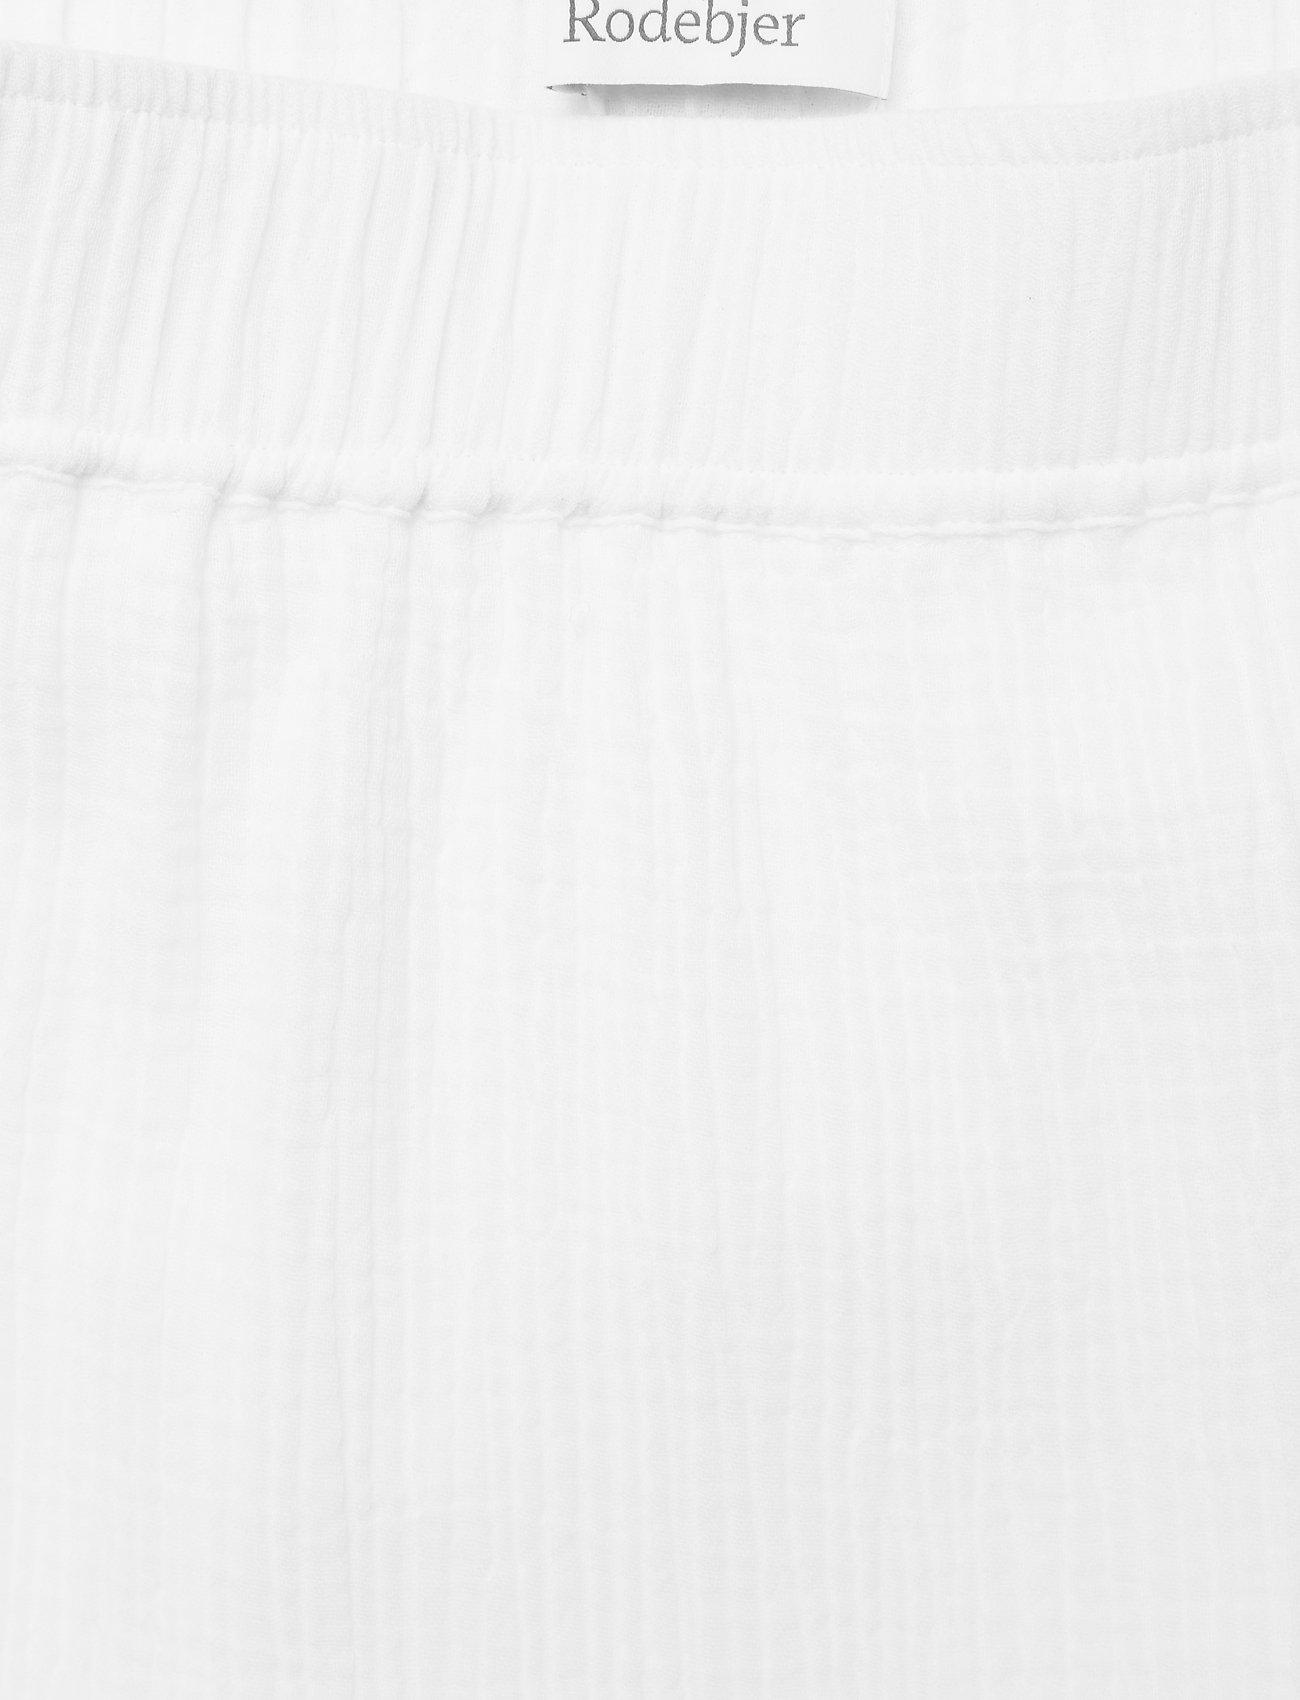 RODEBJER LILA - Spódnice WHITE - Kobiety Odzież.